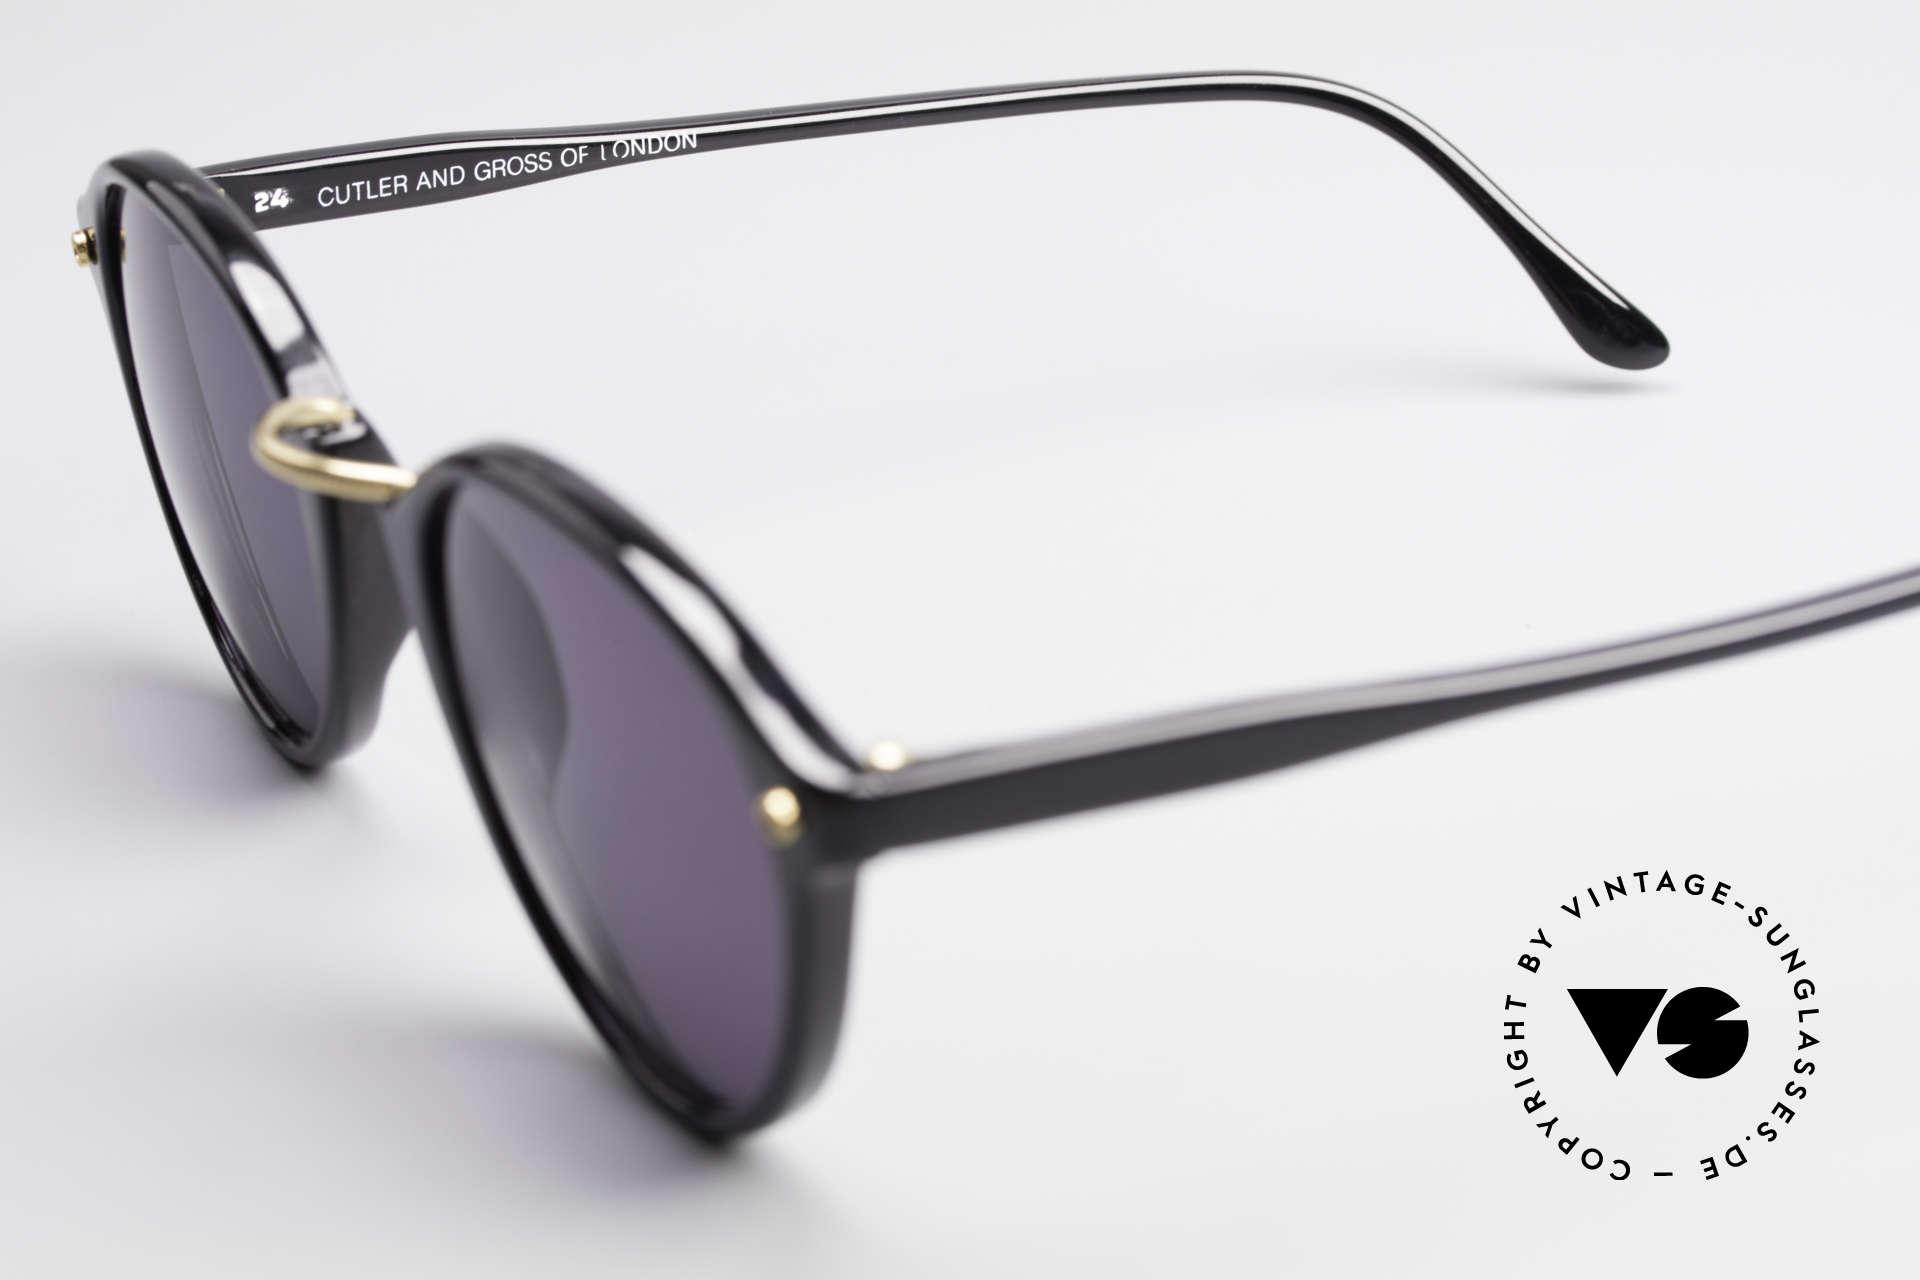 Cutler And Gross 0249 Panto Sonnenbrille Vintage, ungetragen; Modell ist auch beliebig optisch verglasbar, Passend für Herren und Damen